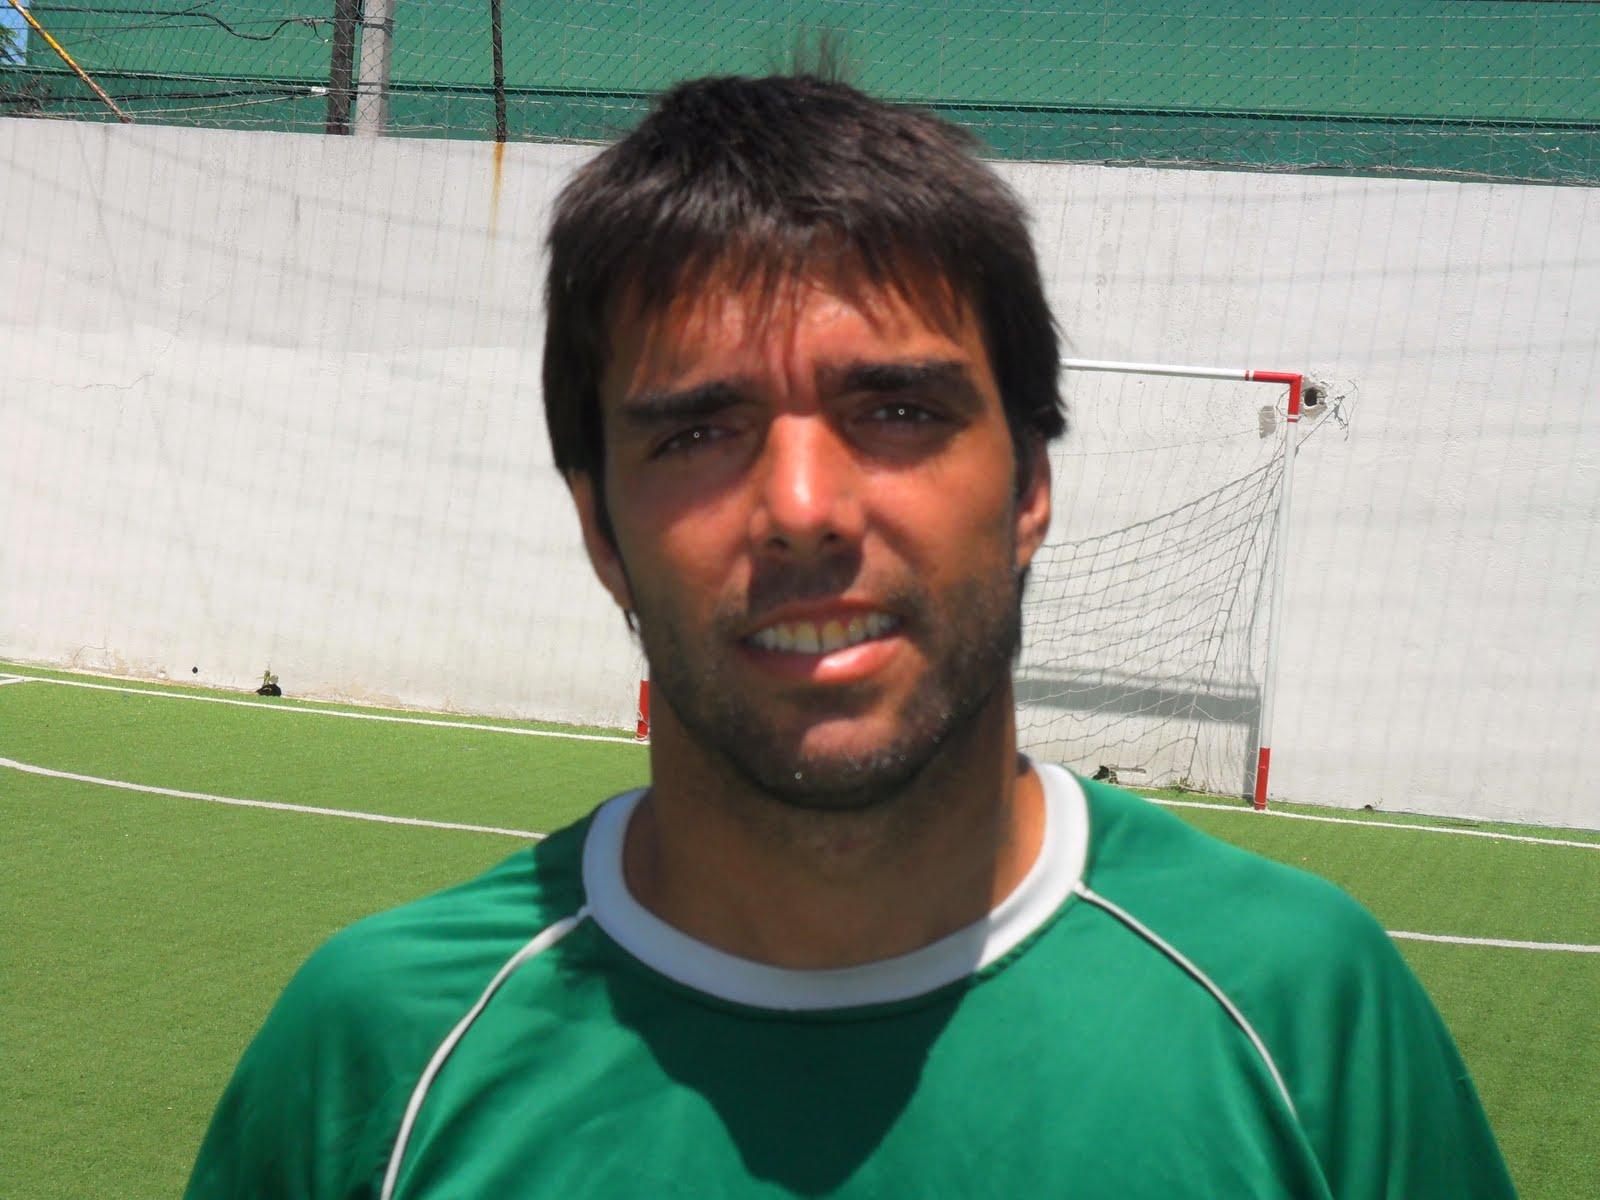 Exclusiva Con Martin Cardetti En Espana El Futbol Es Muy Vistoso